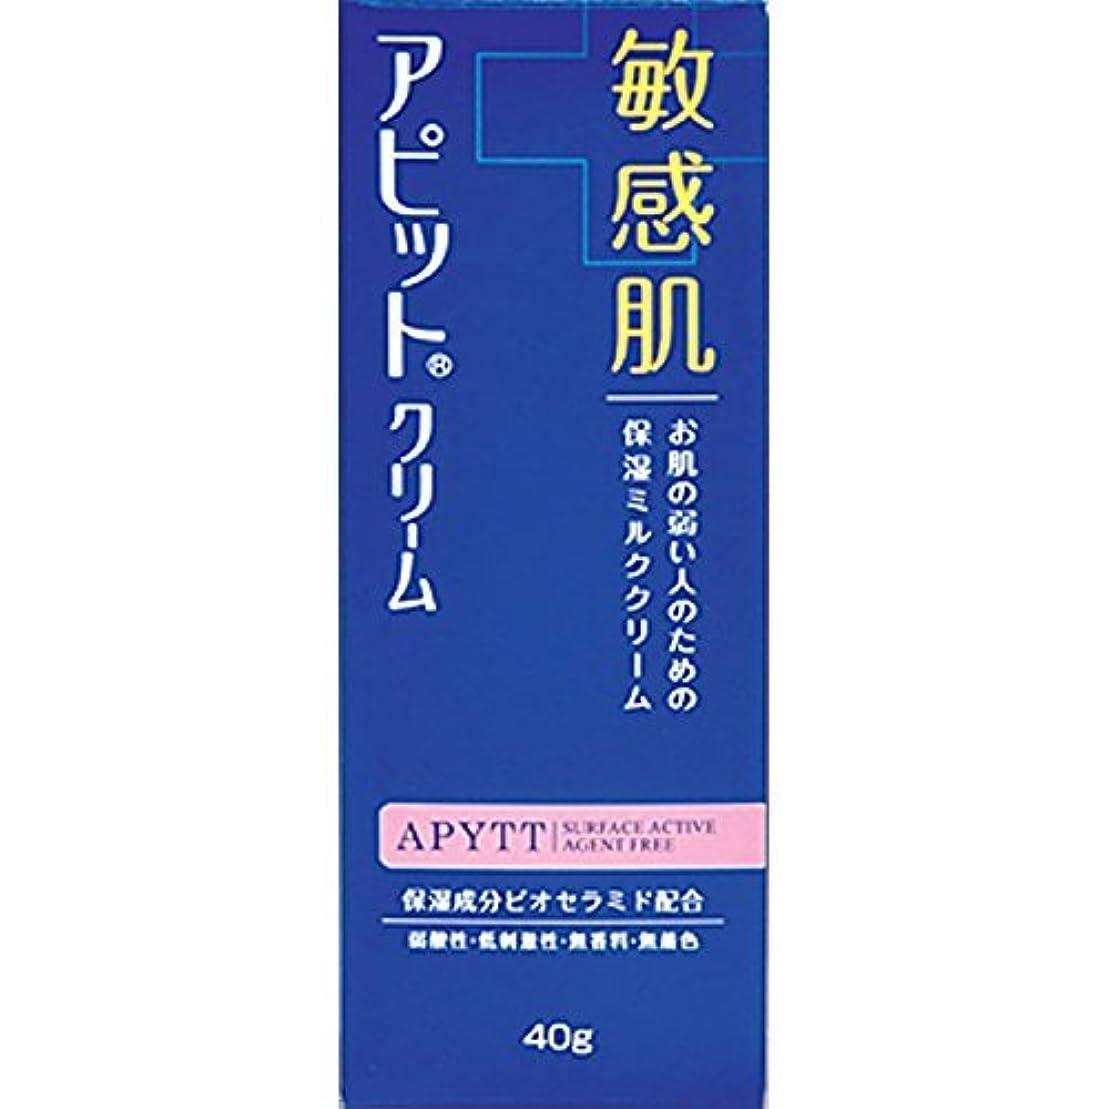 注ぎます不忠感情全薬工業 アピットクリーム 40g (医薬部外品)